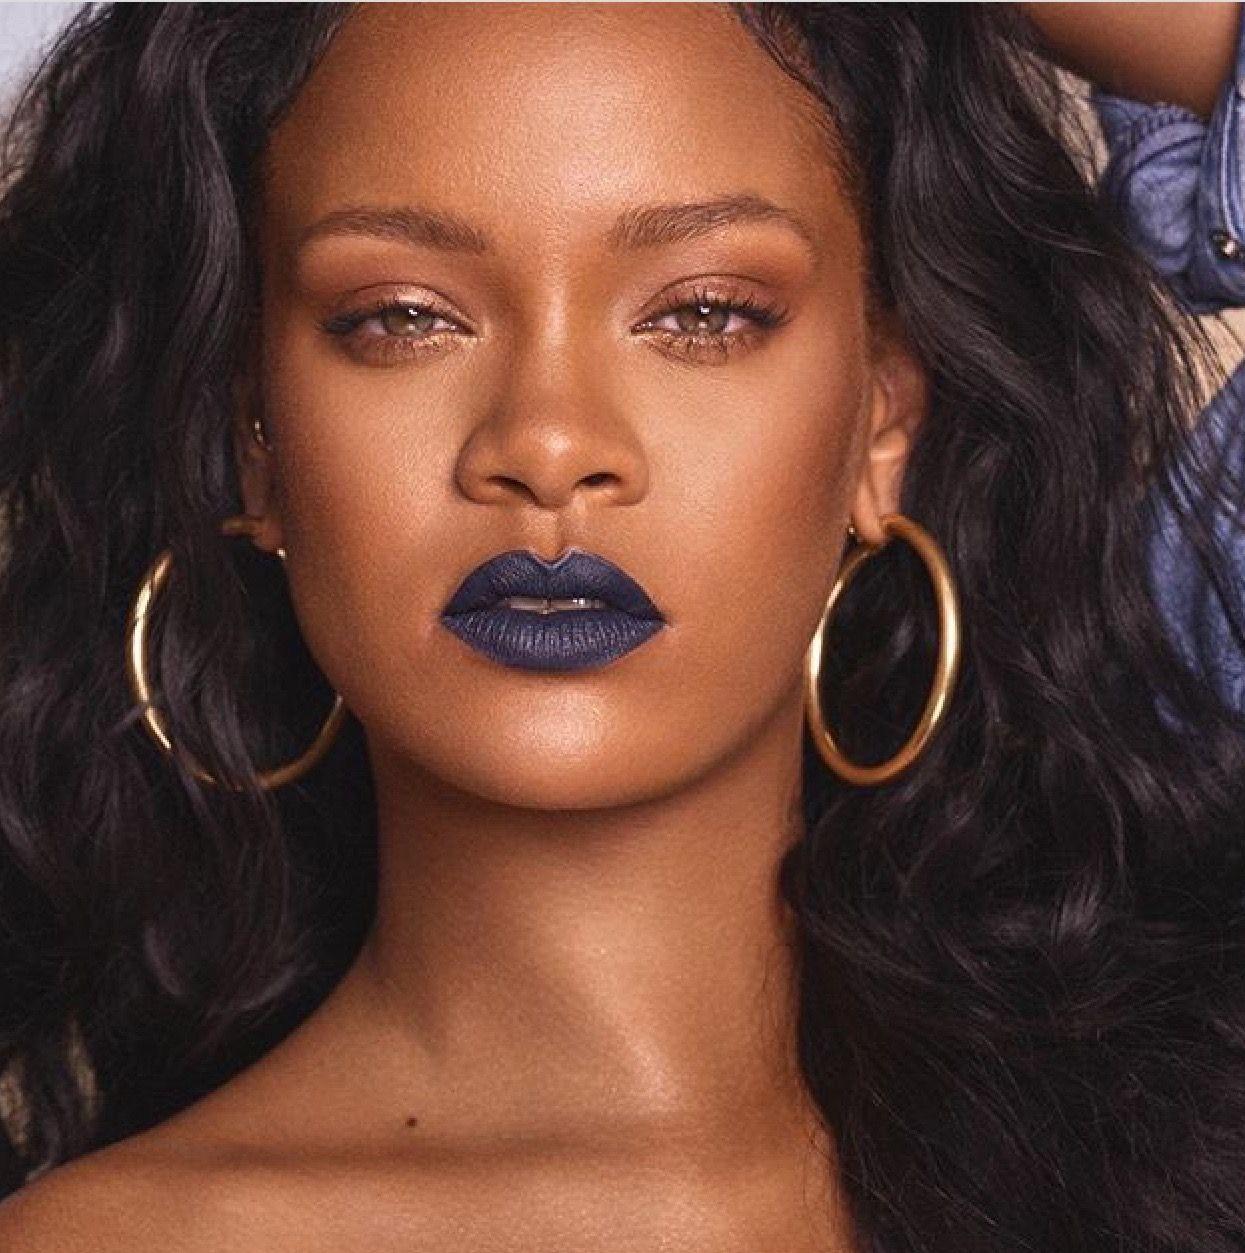 Rihanna Fenty Beauty Blue lipstick, Beauty lipstick